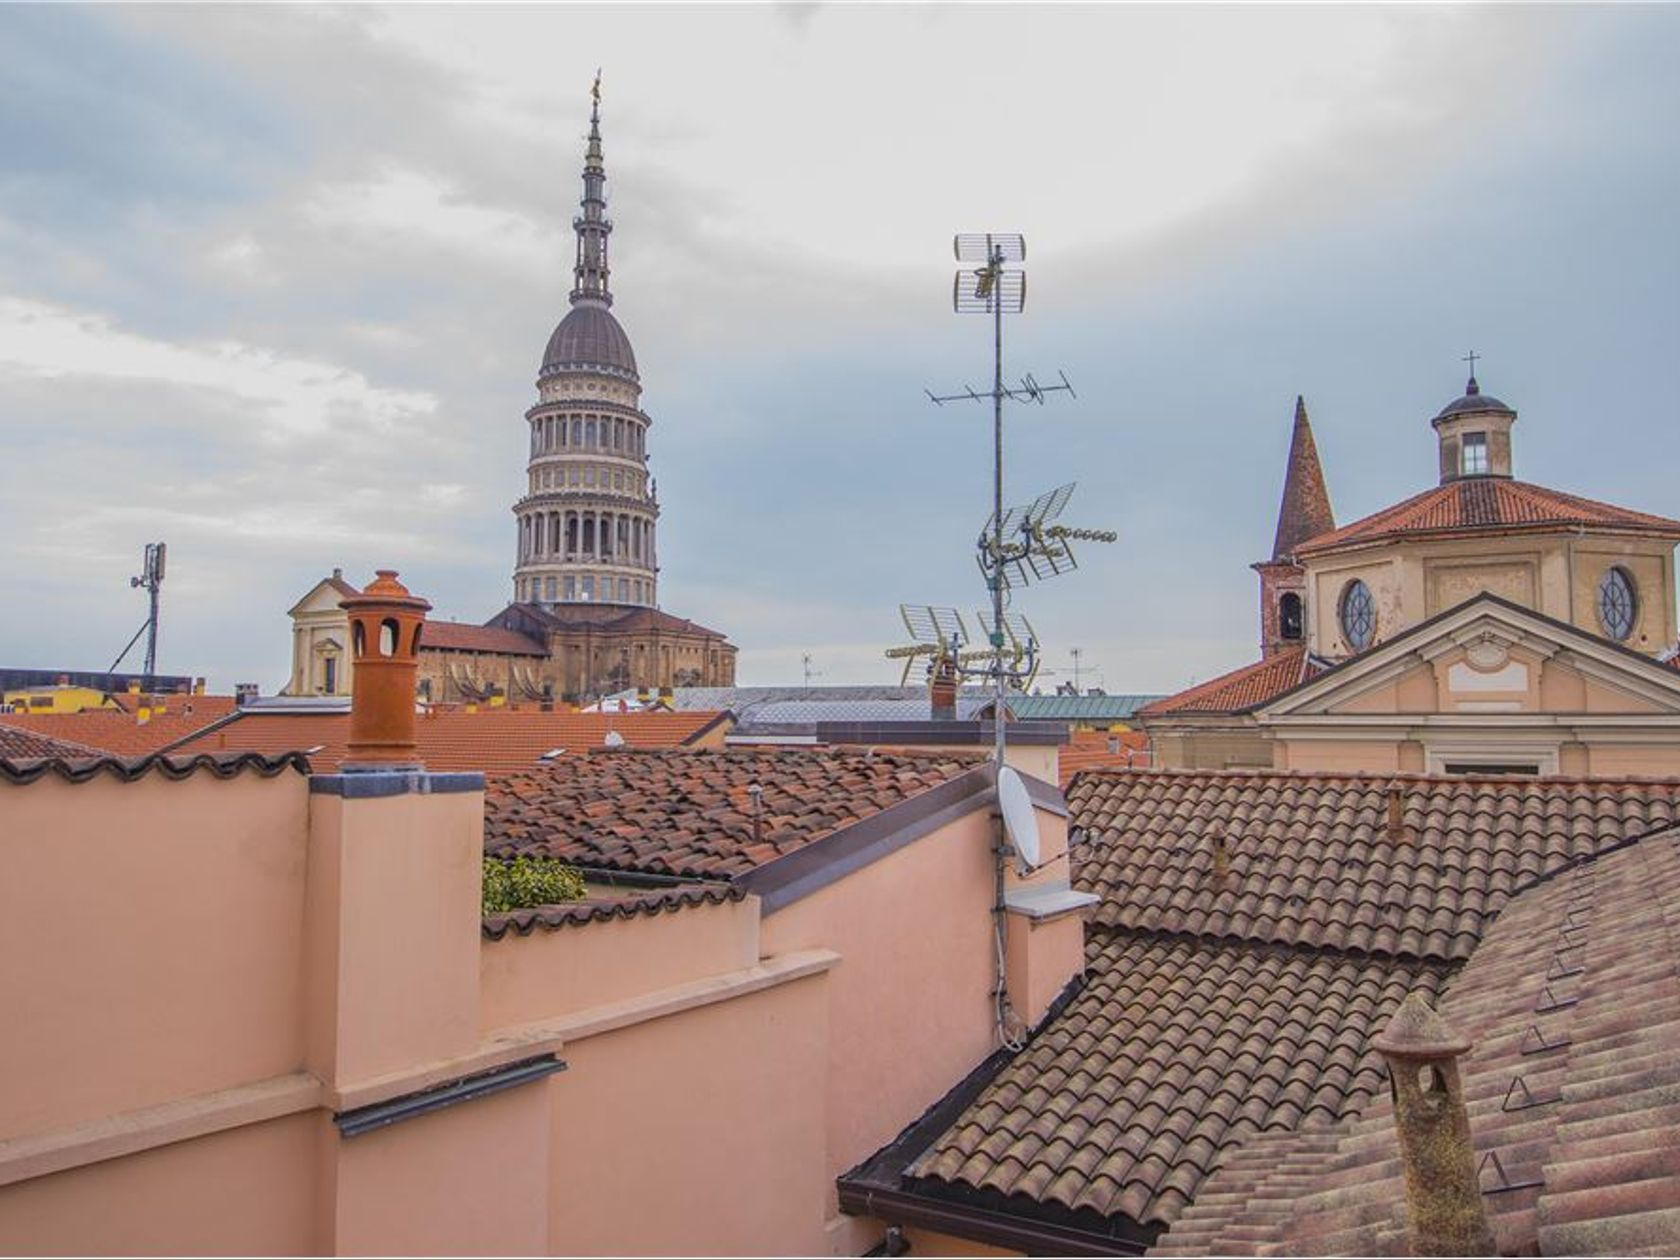 Attico/Mansarda Centro, Novara, NO Vendita - Foto 36